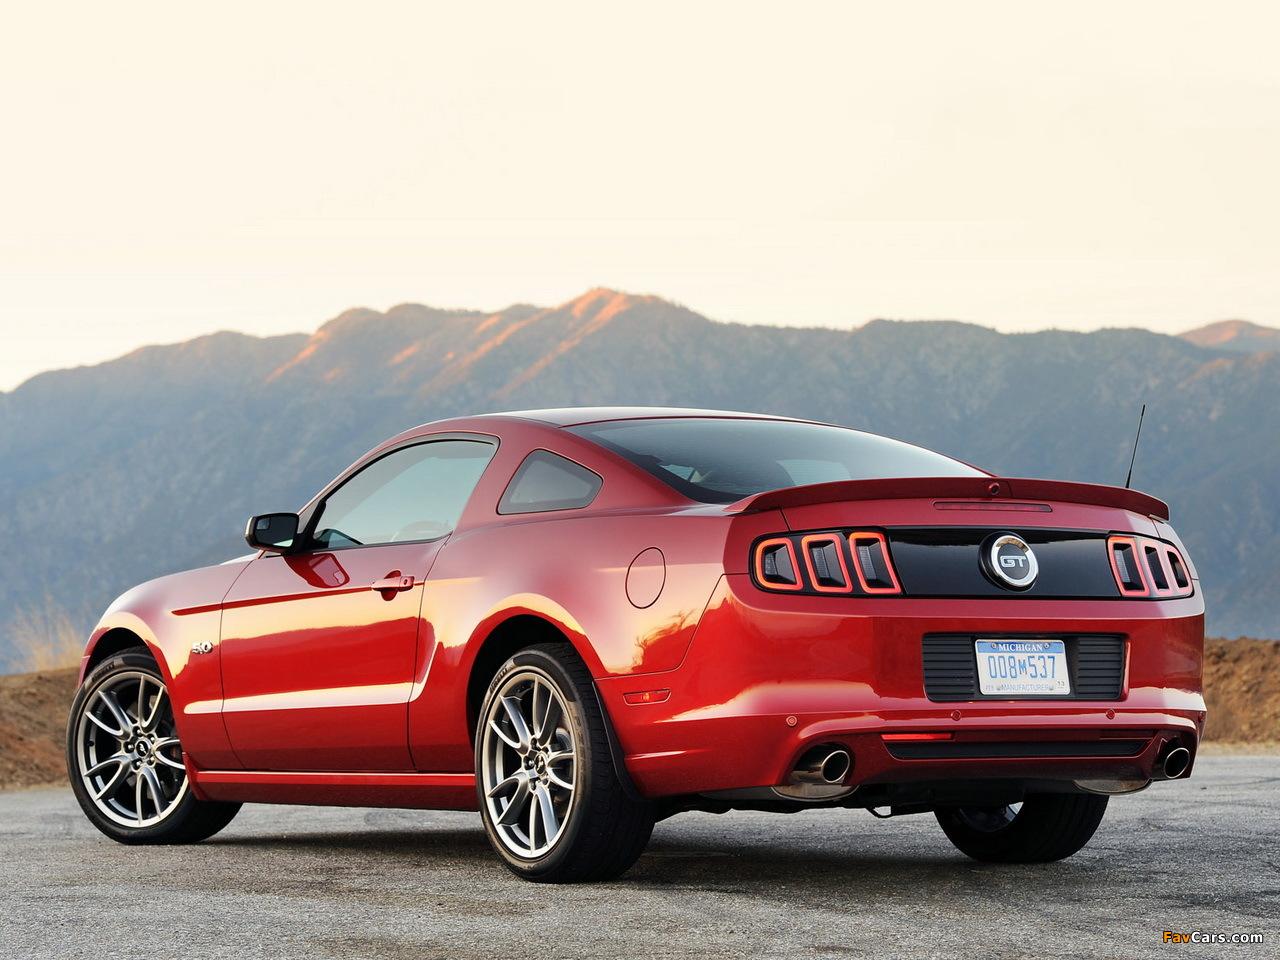 Mustang 5 0 Gt 2012 Wallpapers 1280x960